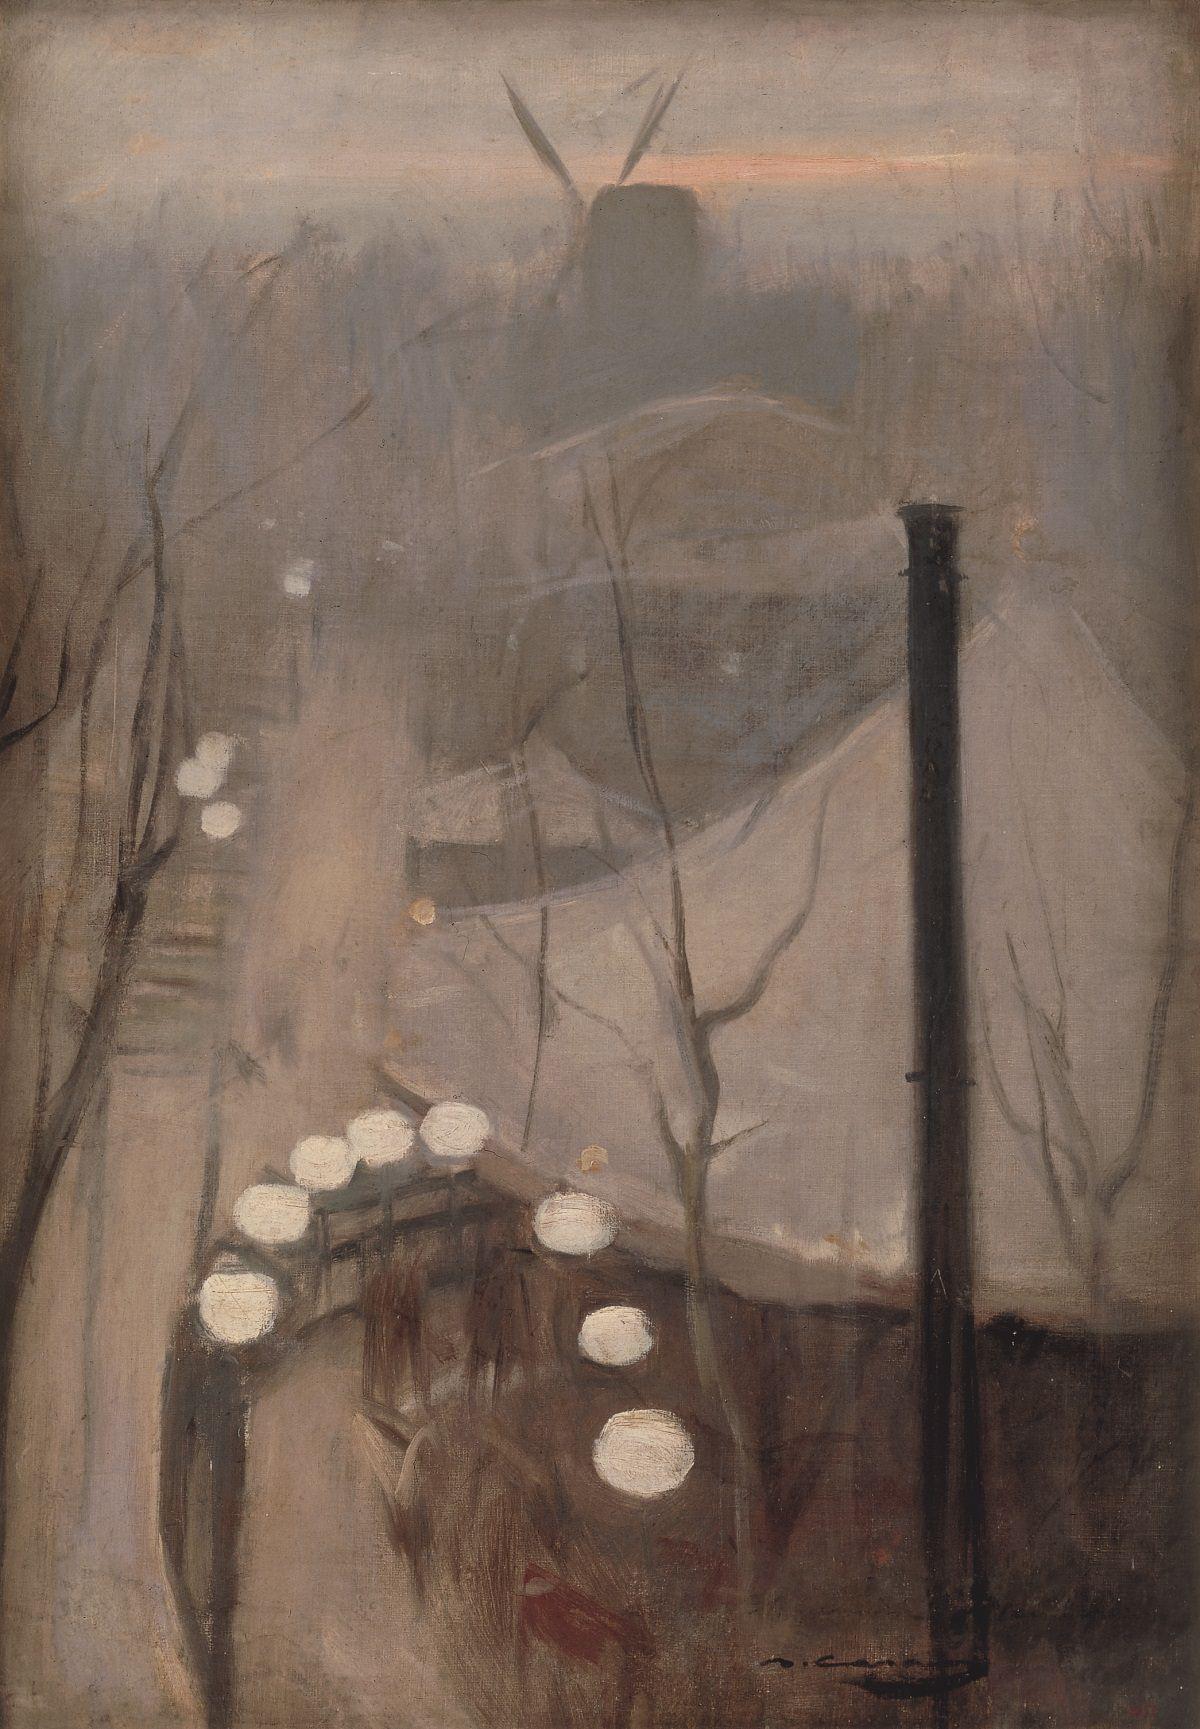 Рамон Касас. Монмартр. ок. 1890-1891. Библиотека-музей Виктора Балагера, Виланова-и-ла-Жельтру